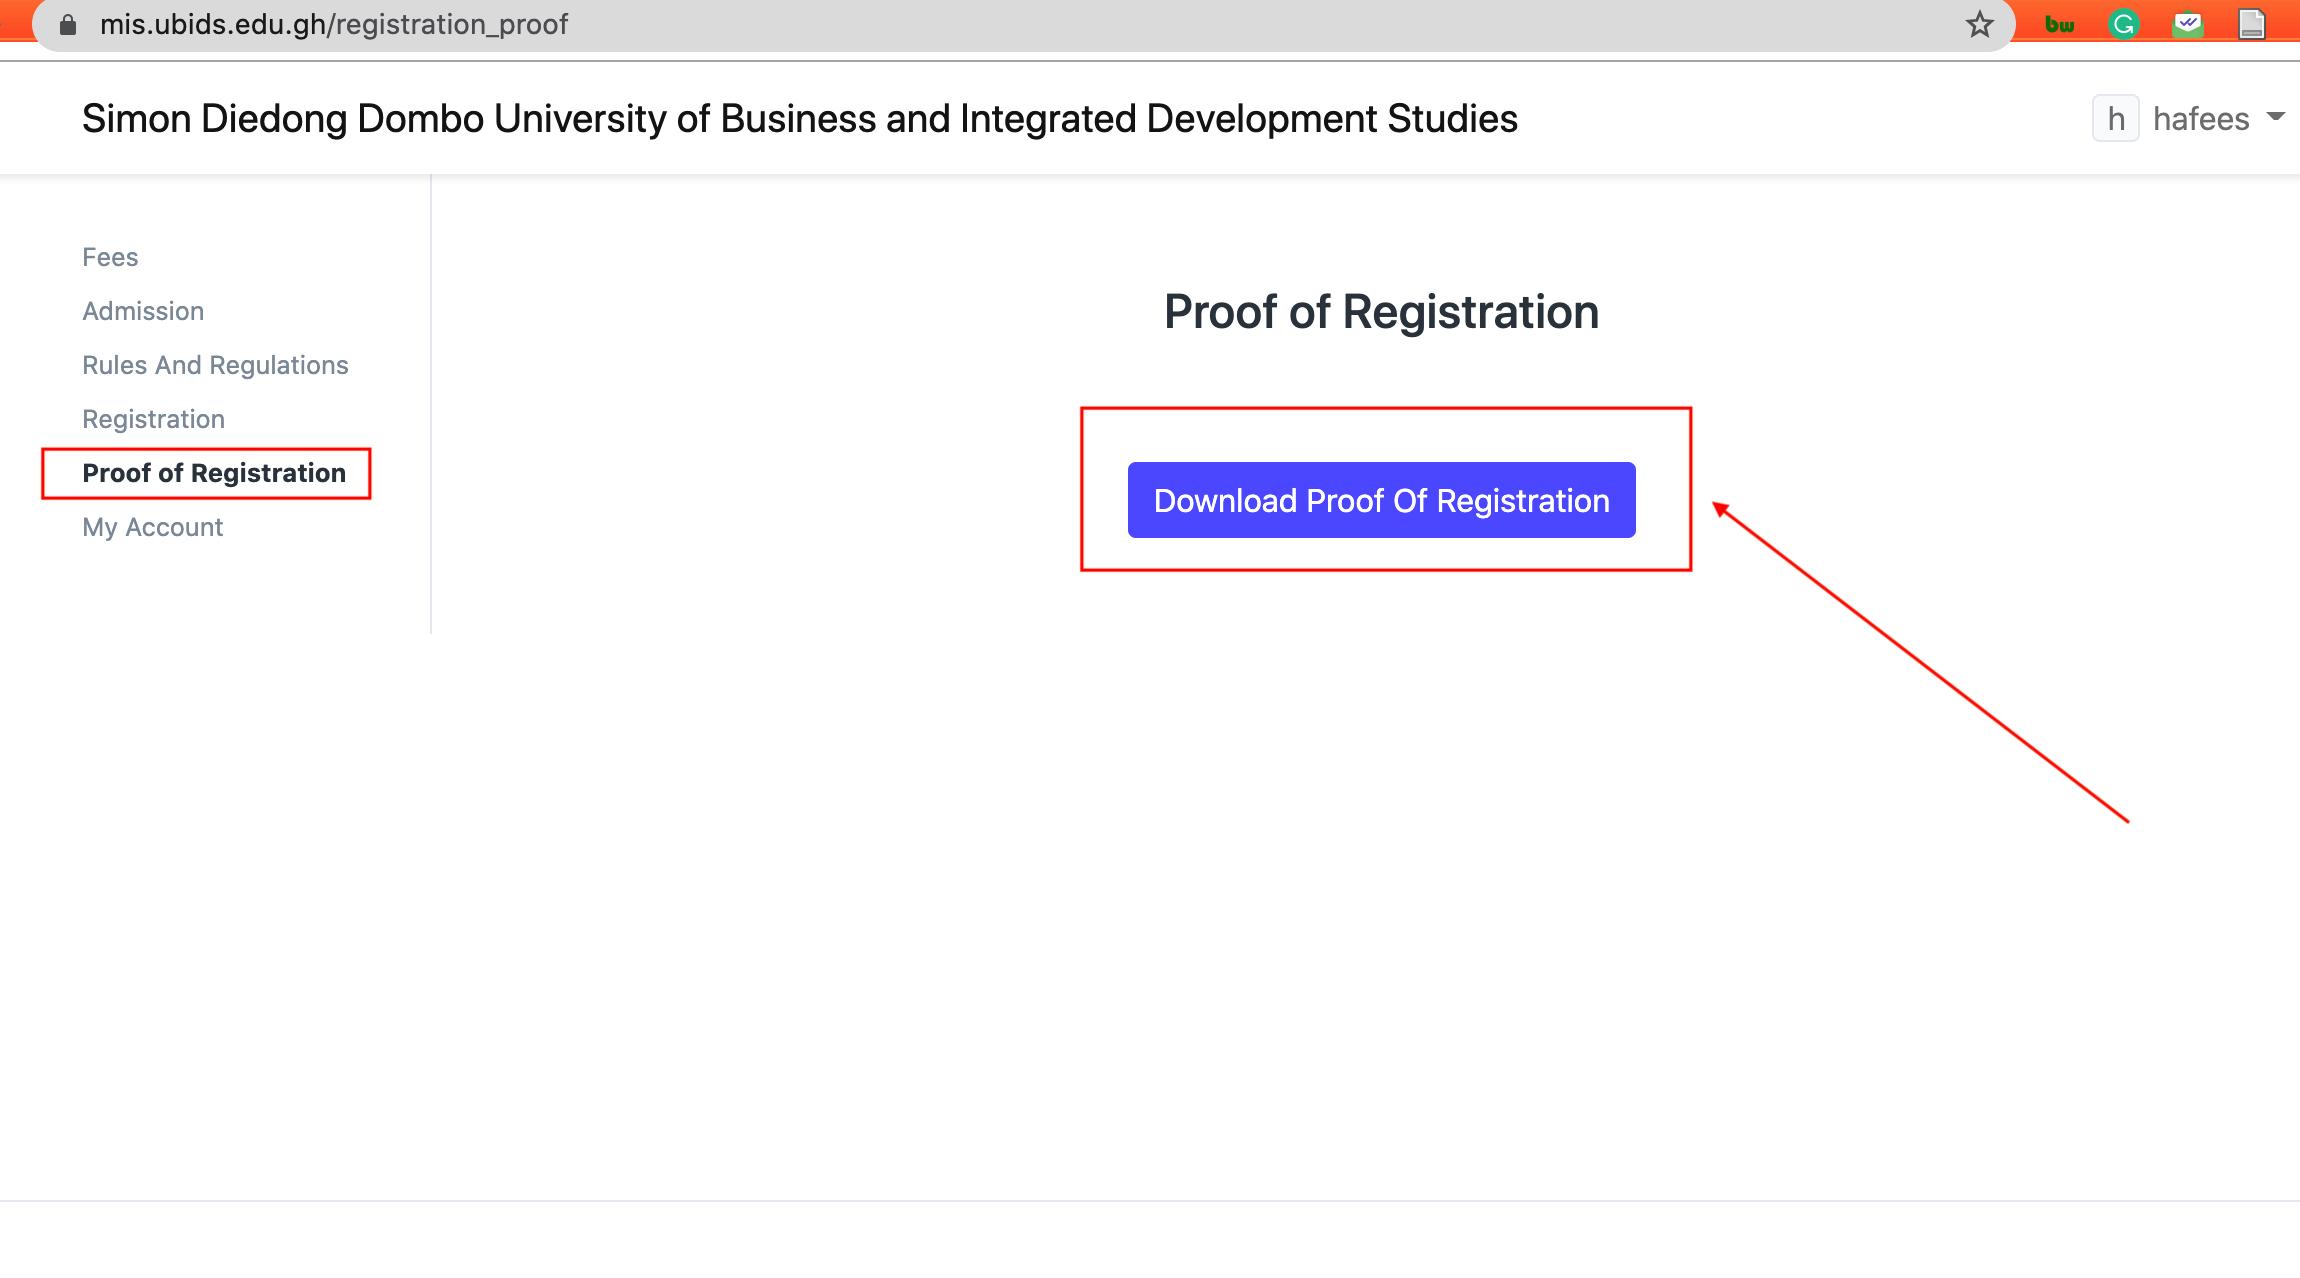 Download Proof of Registration